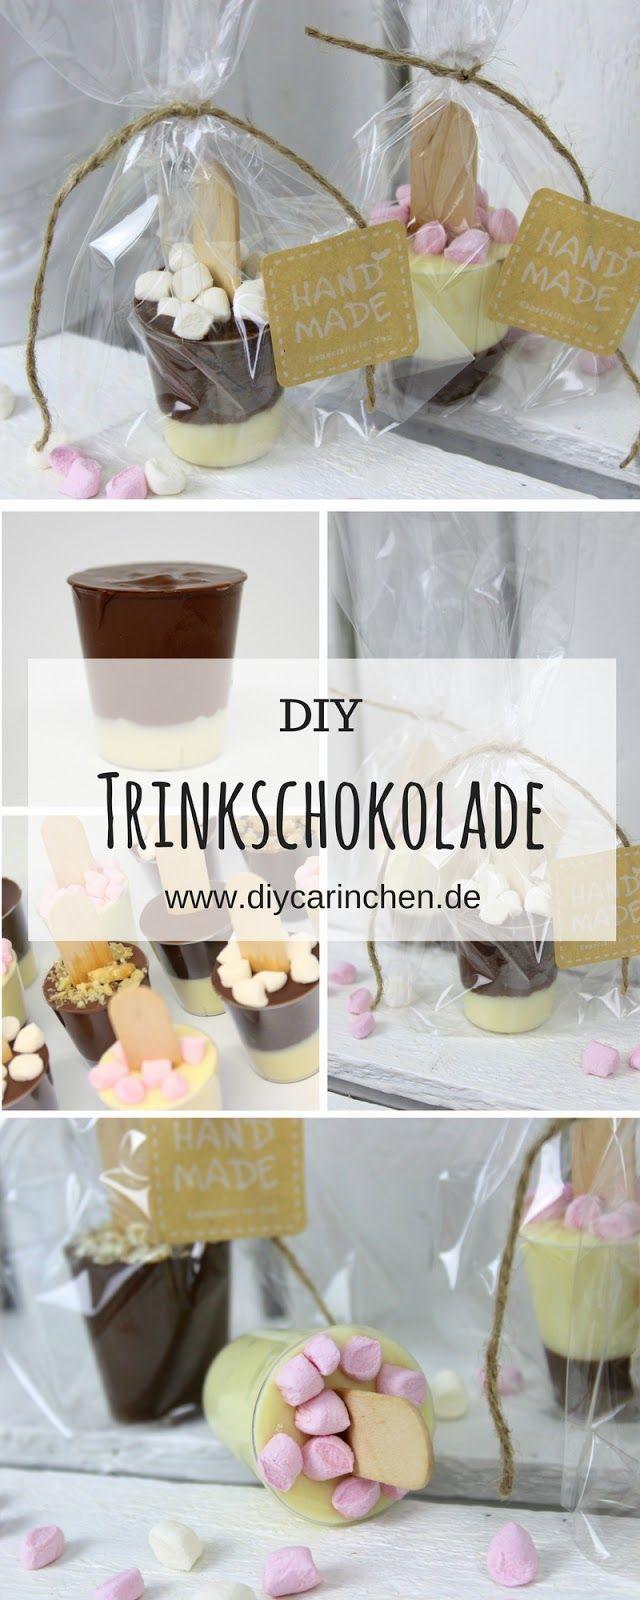 DIY Trinkschokolade am Stiel ganz einfach selber machen ...